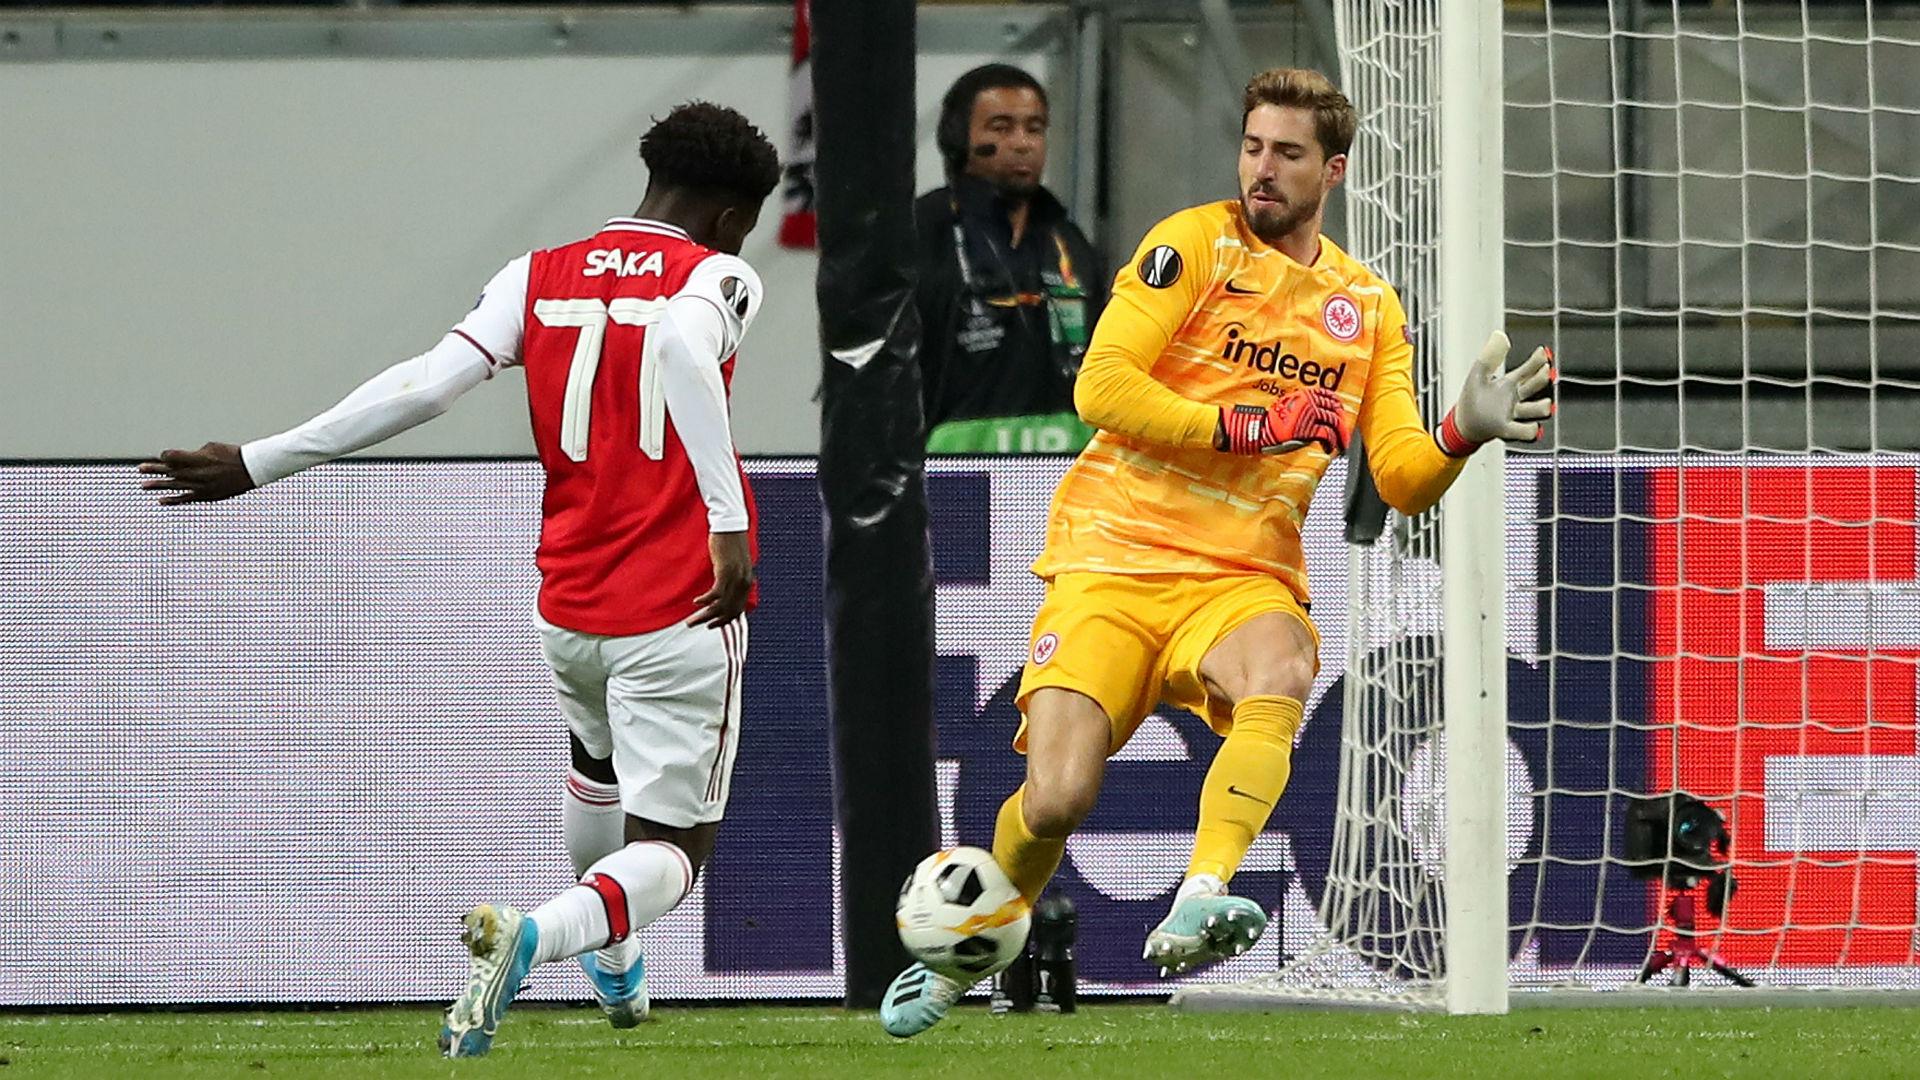 Eintracht Frankfurt 0-3 Arsenal: Saka punishes 10-man hosts